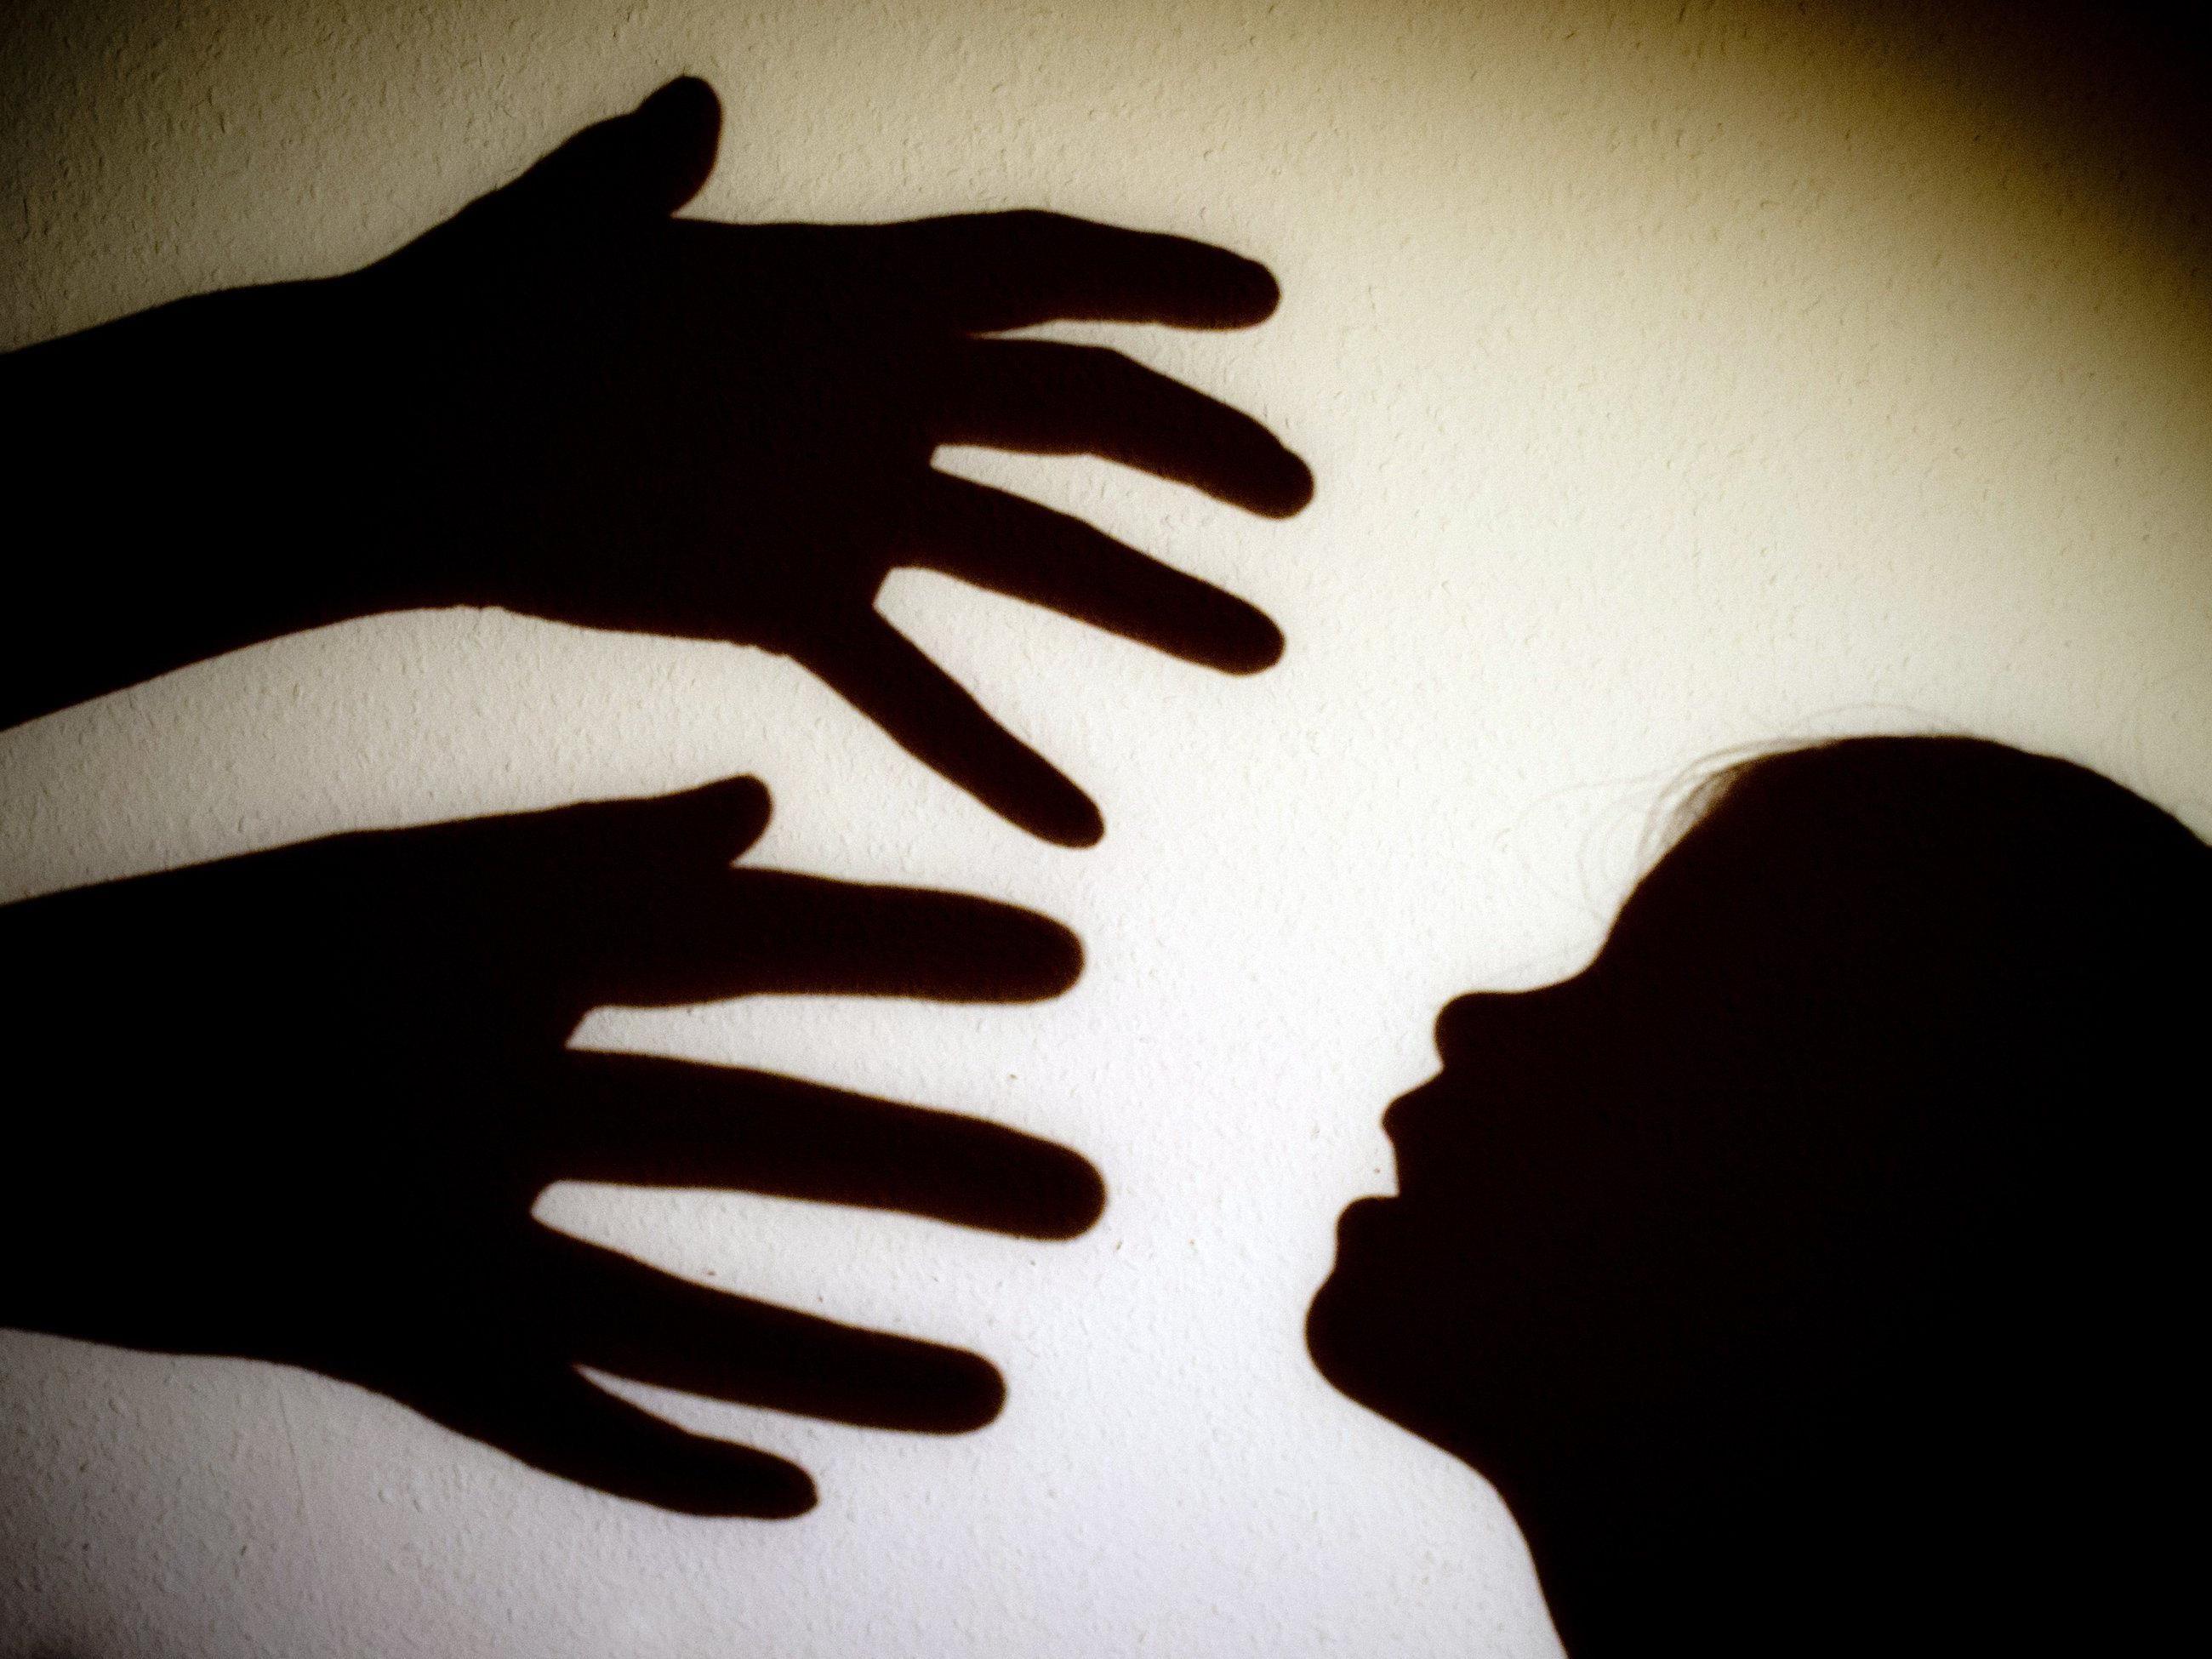 Der Autor Horst Schreiber berichtet von Gewalt und Missbrauch